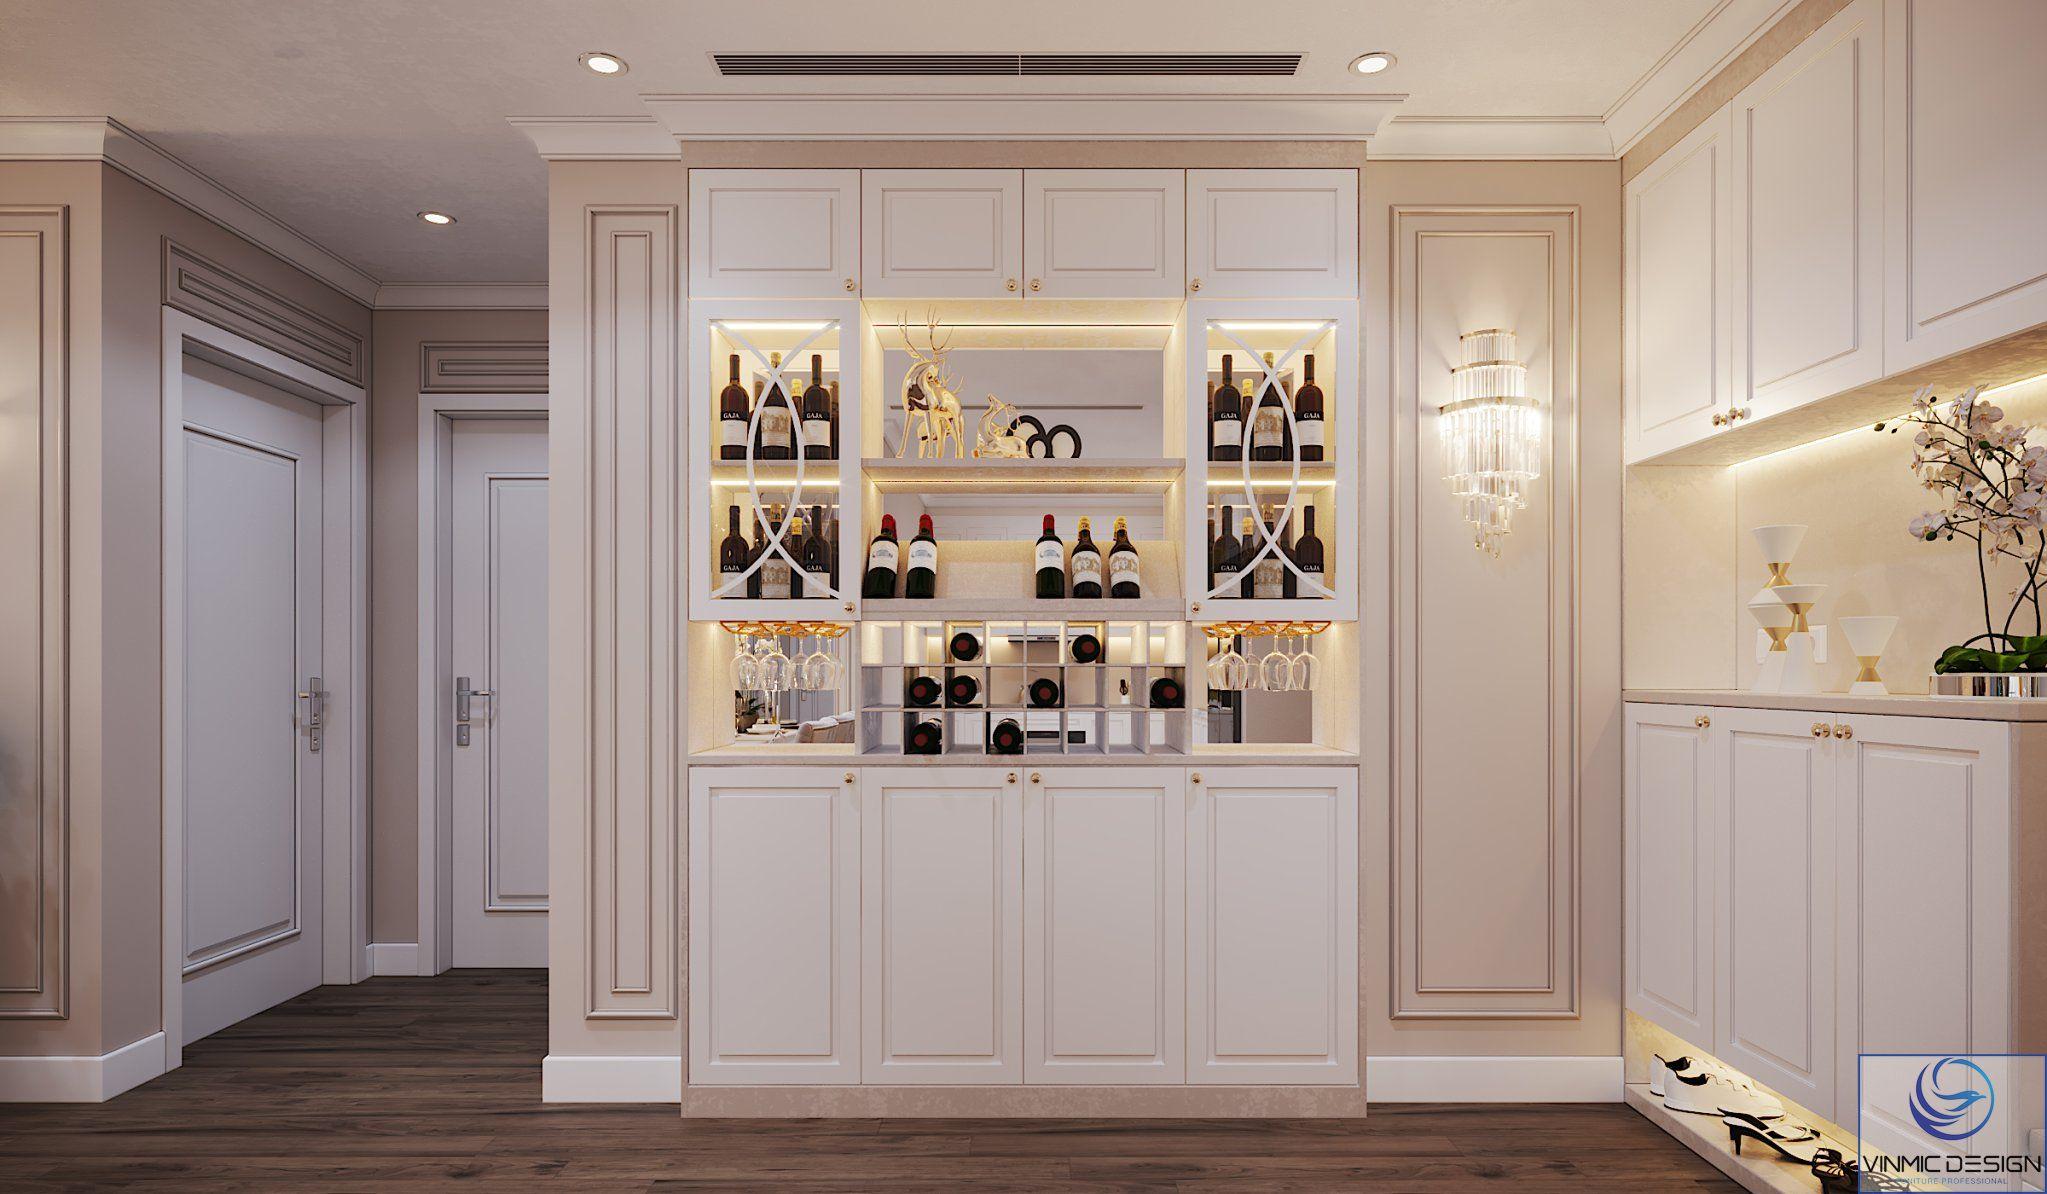 Tủ đồ kết hợp tủ rượu với những đường chỉ, phào đặc trưng của phong cách tân cổ điển.